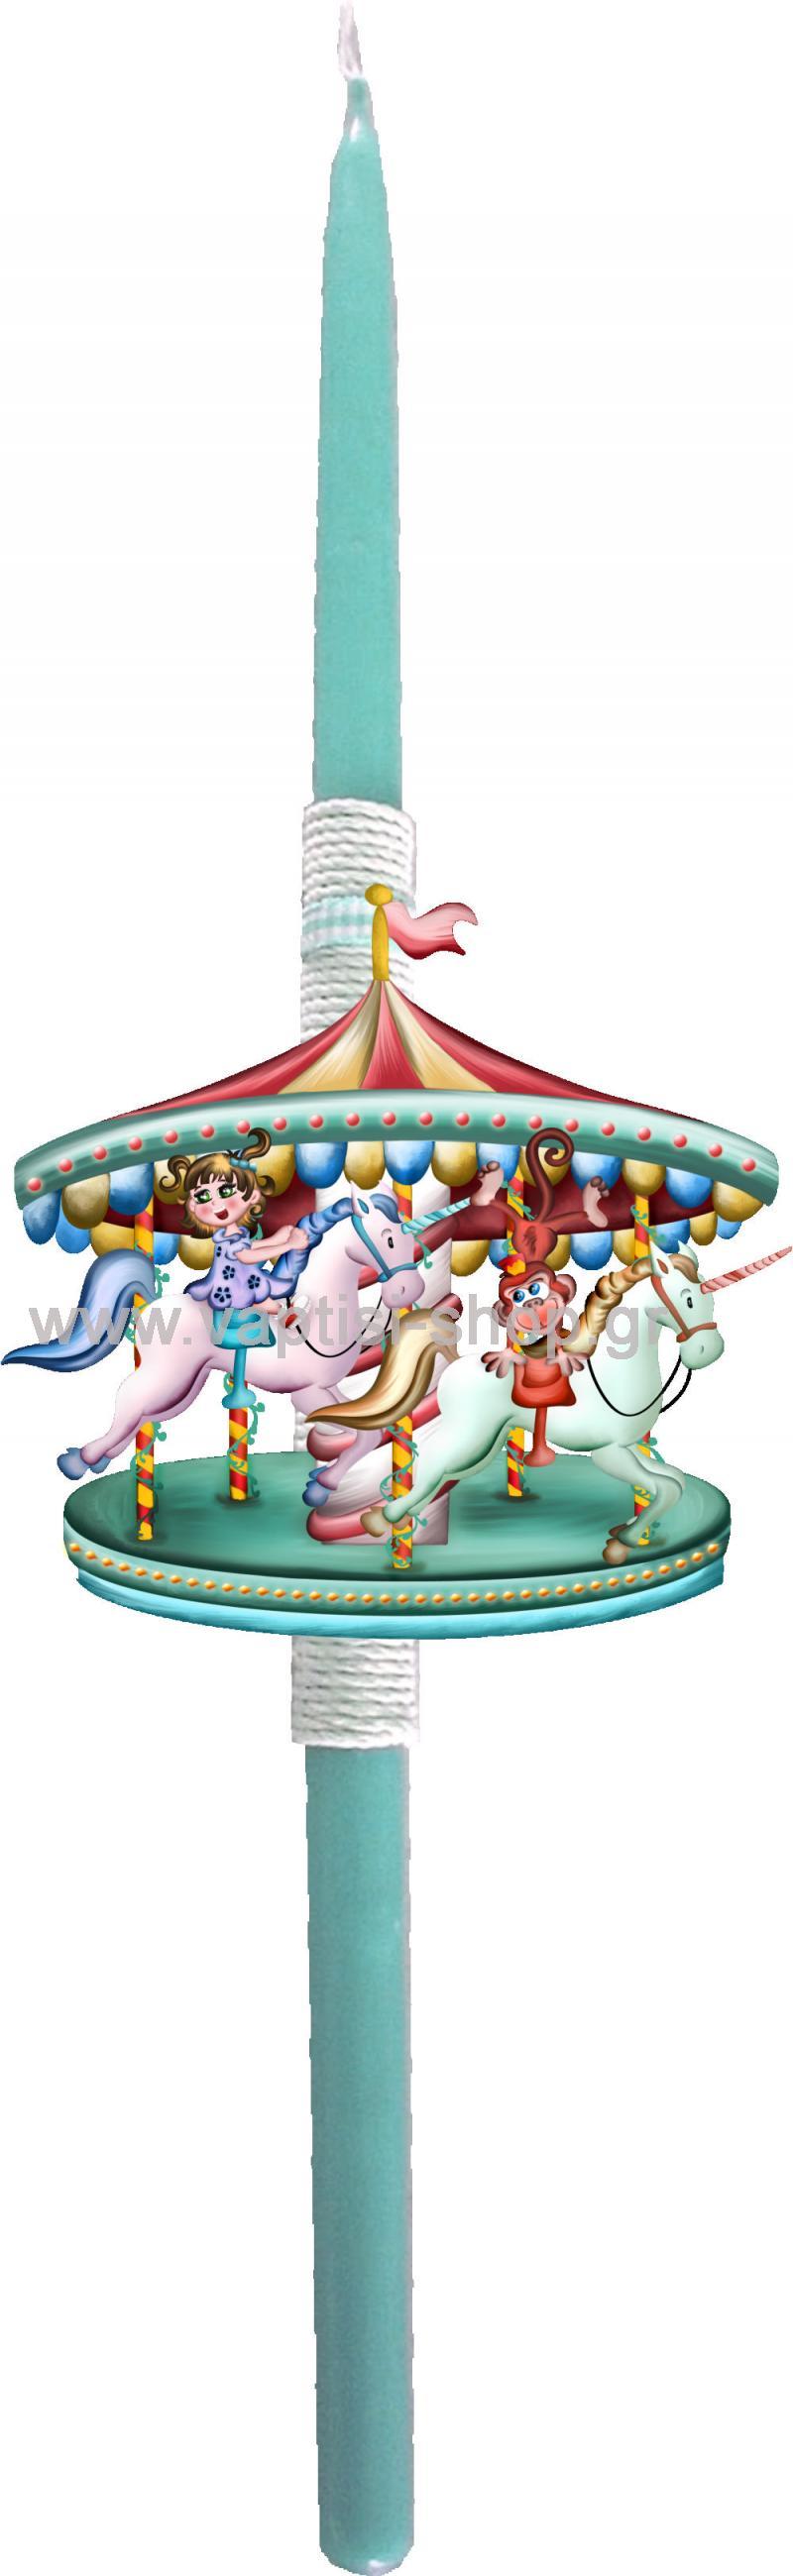 Πασχαλινή Λαμπάδα Carousel